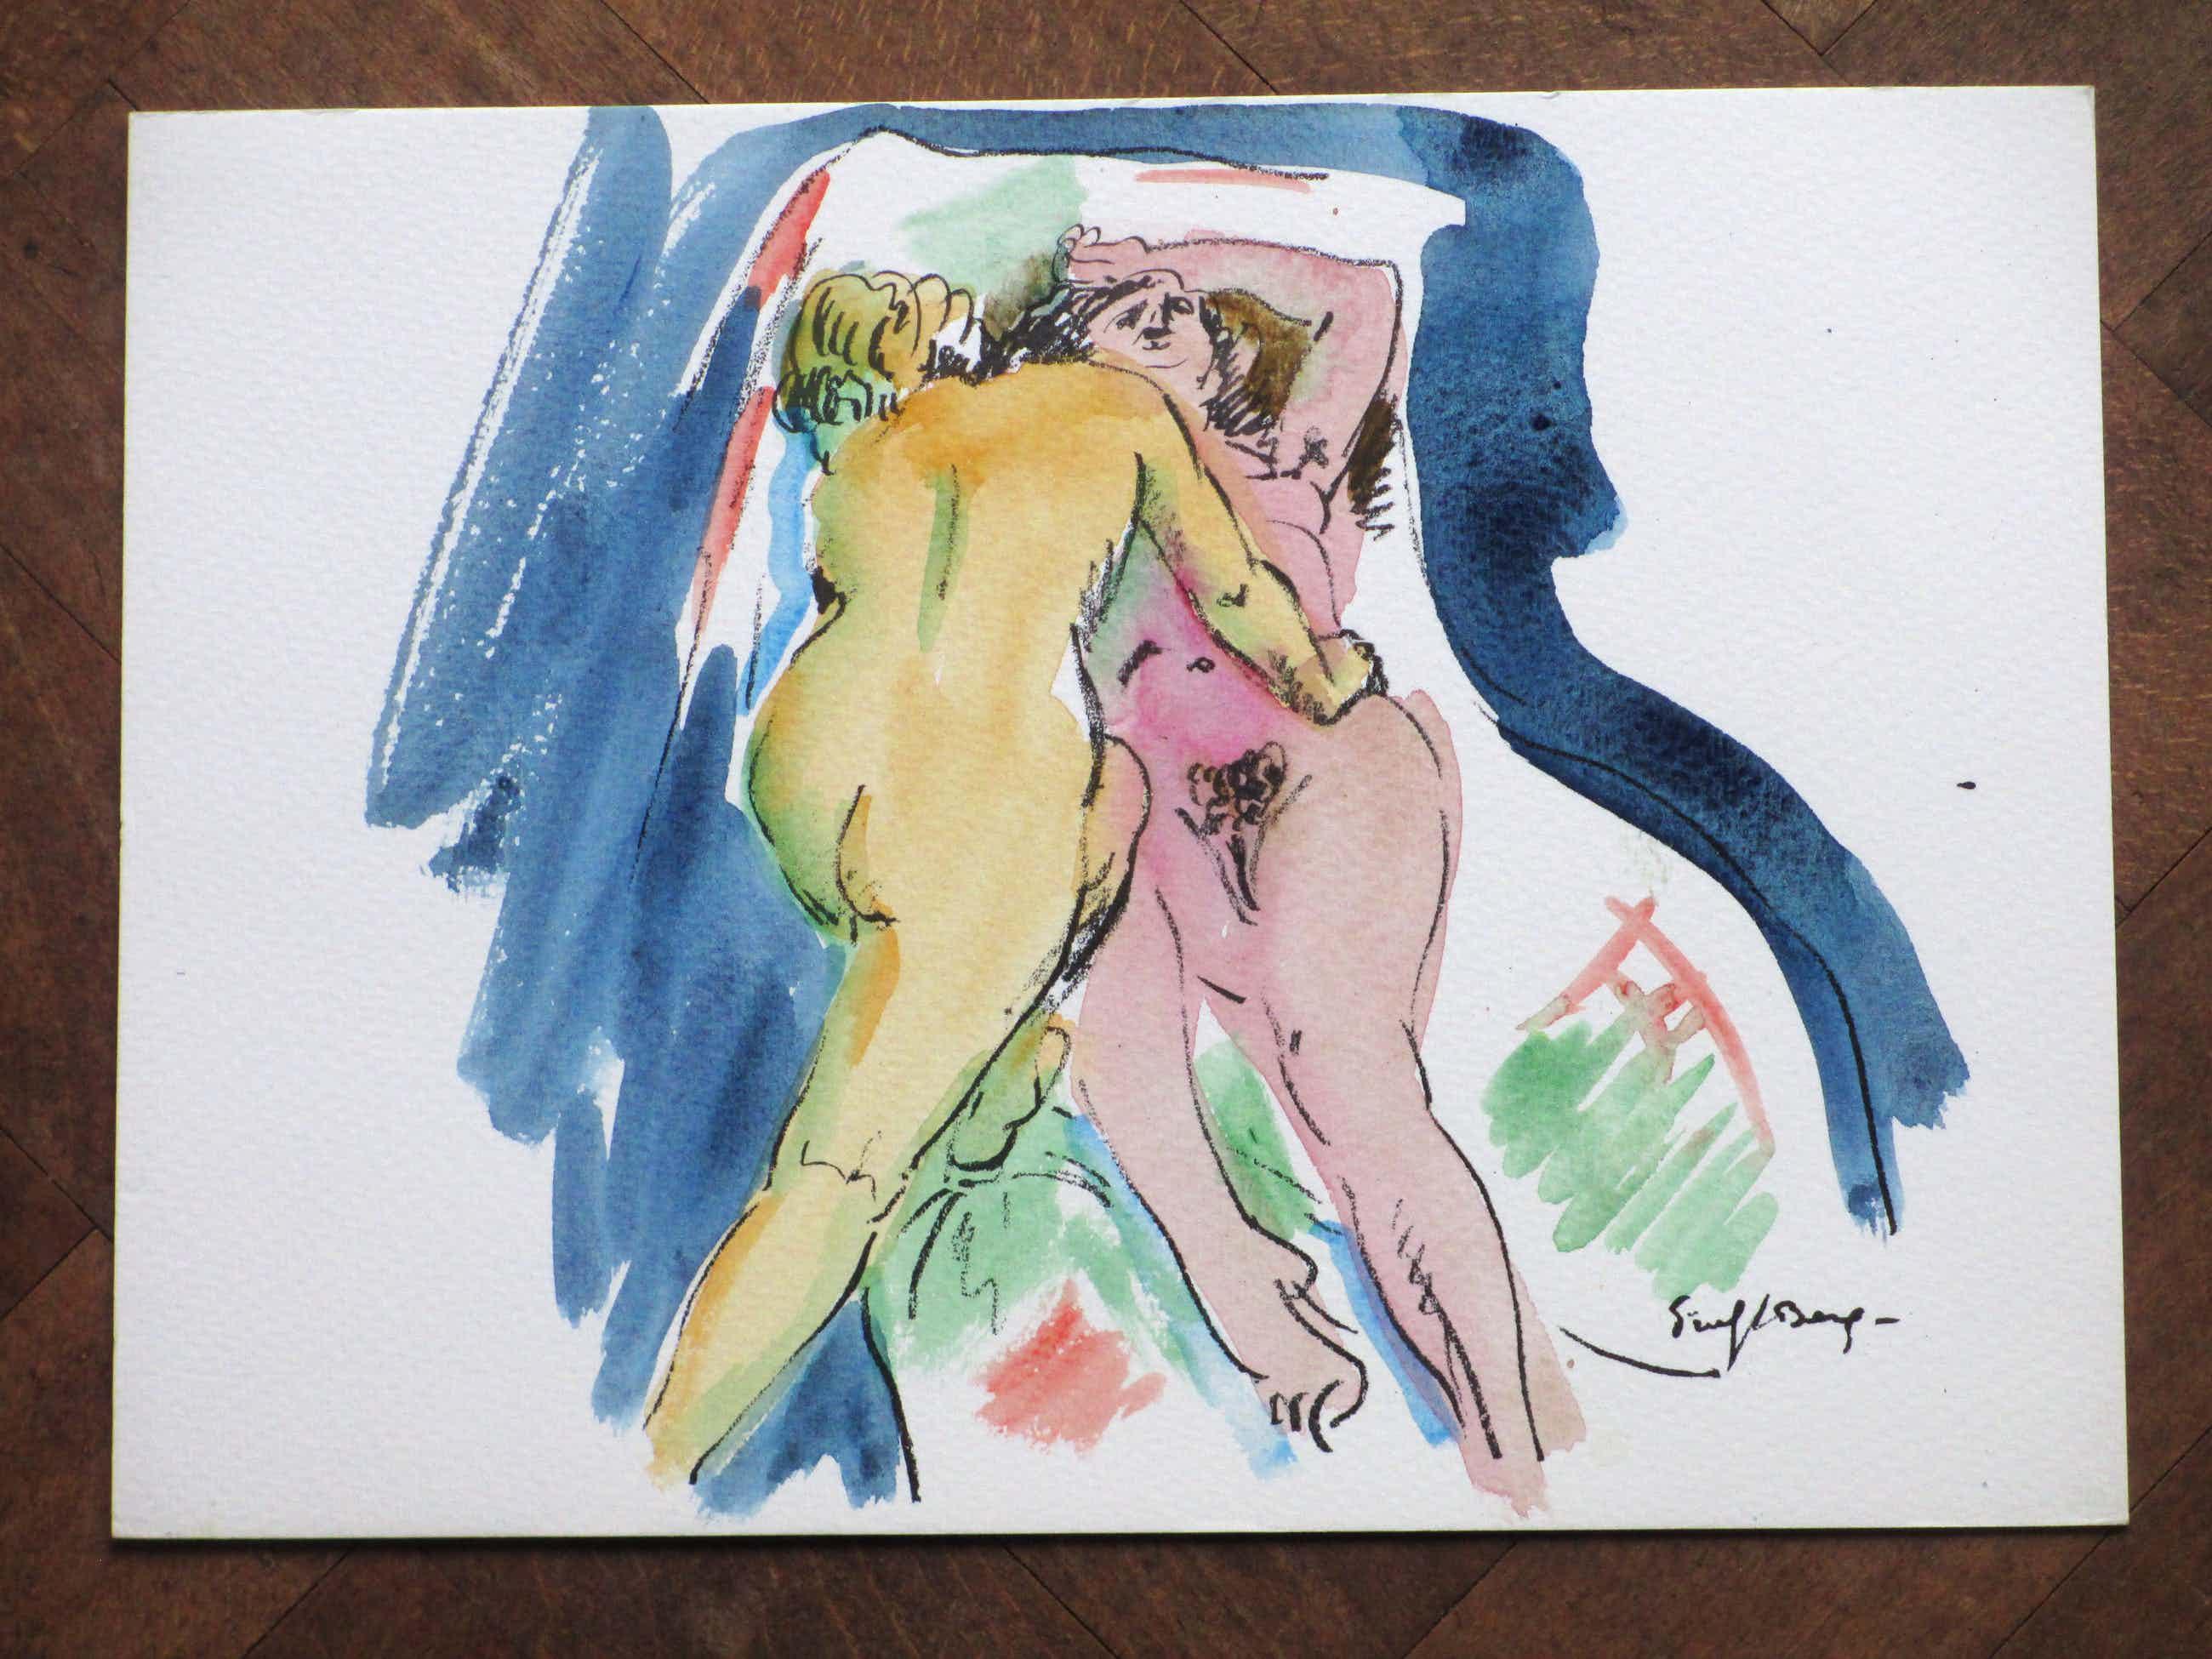 Freek van den Berg - Vriendinnen op het bed - Handgekleurde litho kopen? Bied vanaf 45!